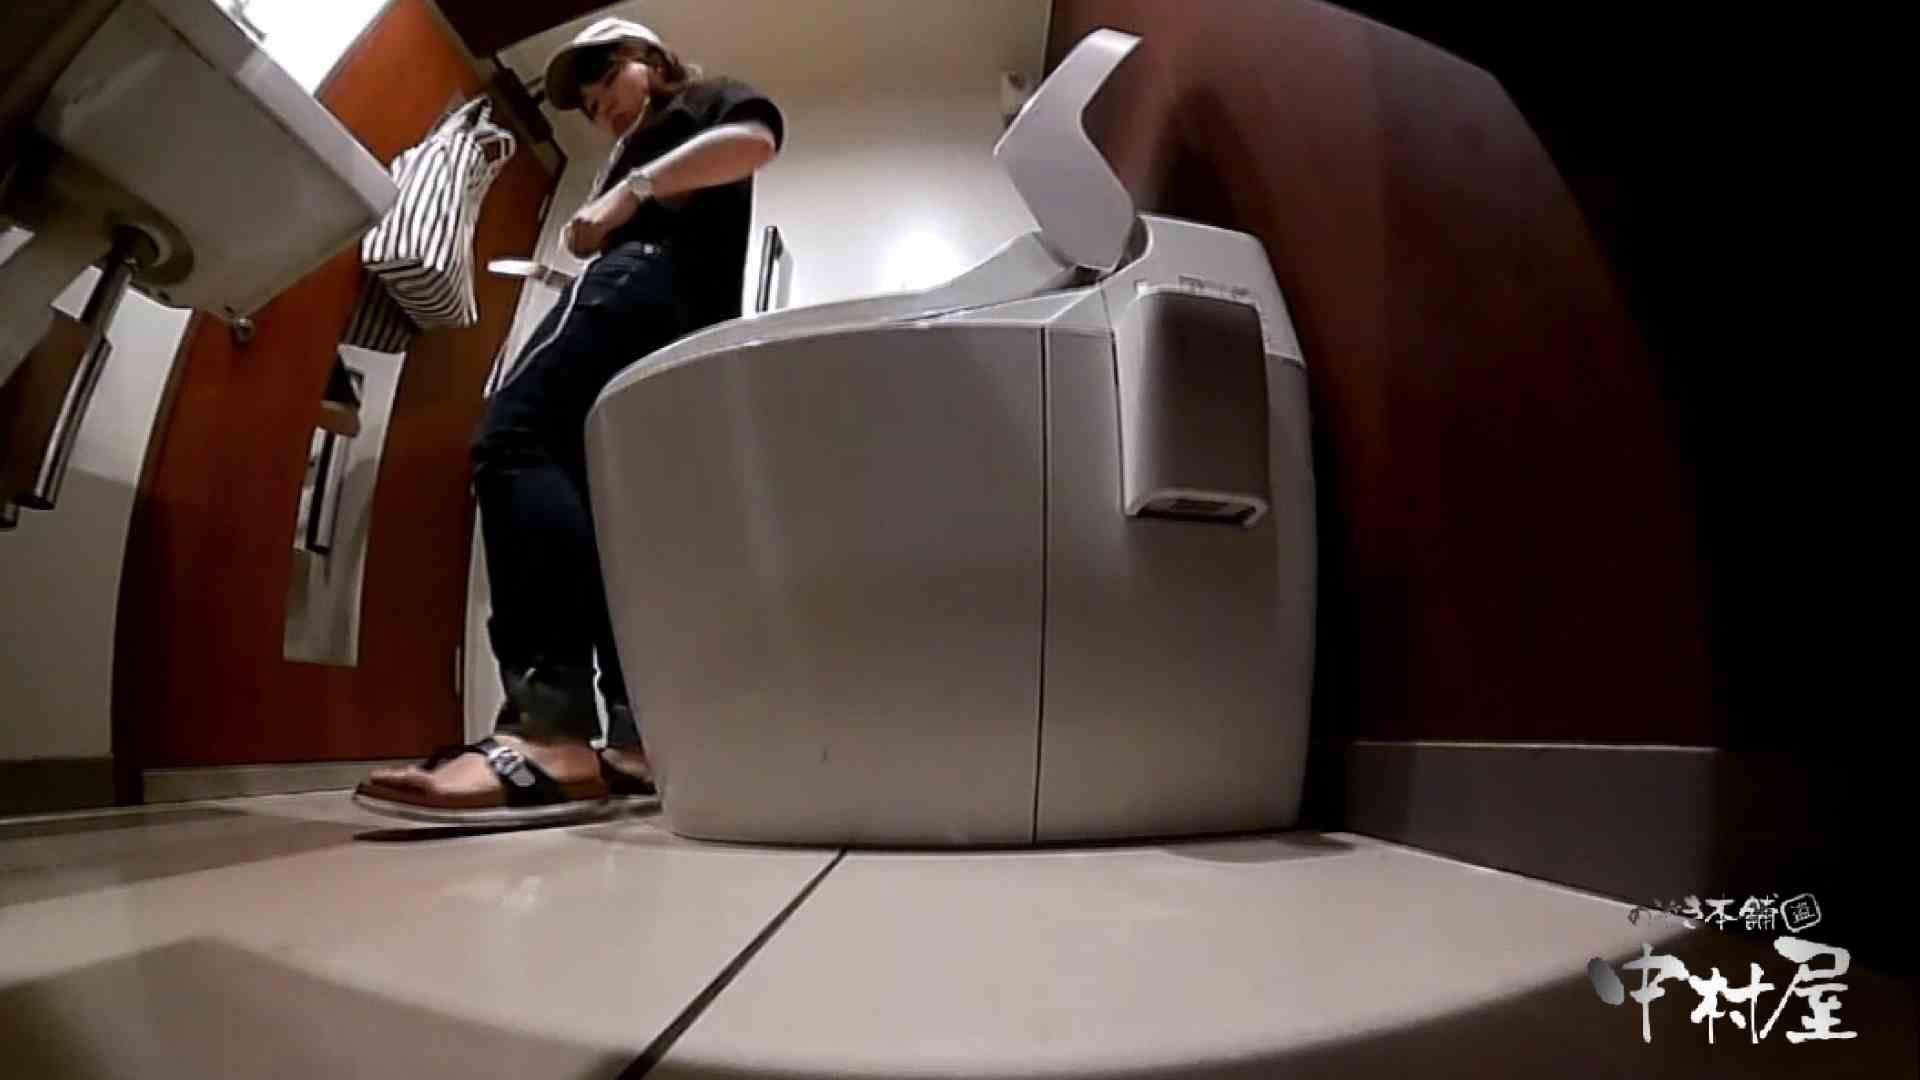 高画質トイレ盗撮vol.17 トイレ突入 オマンコ無修正動画無料 76pic 3